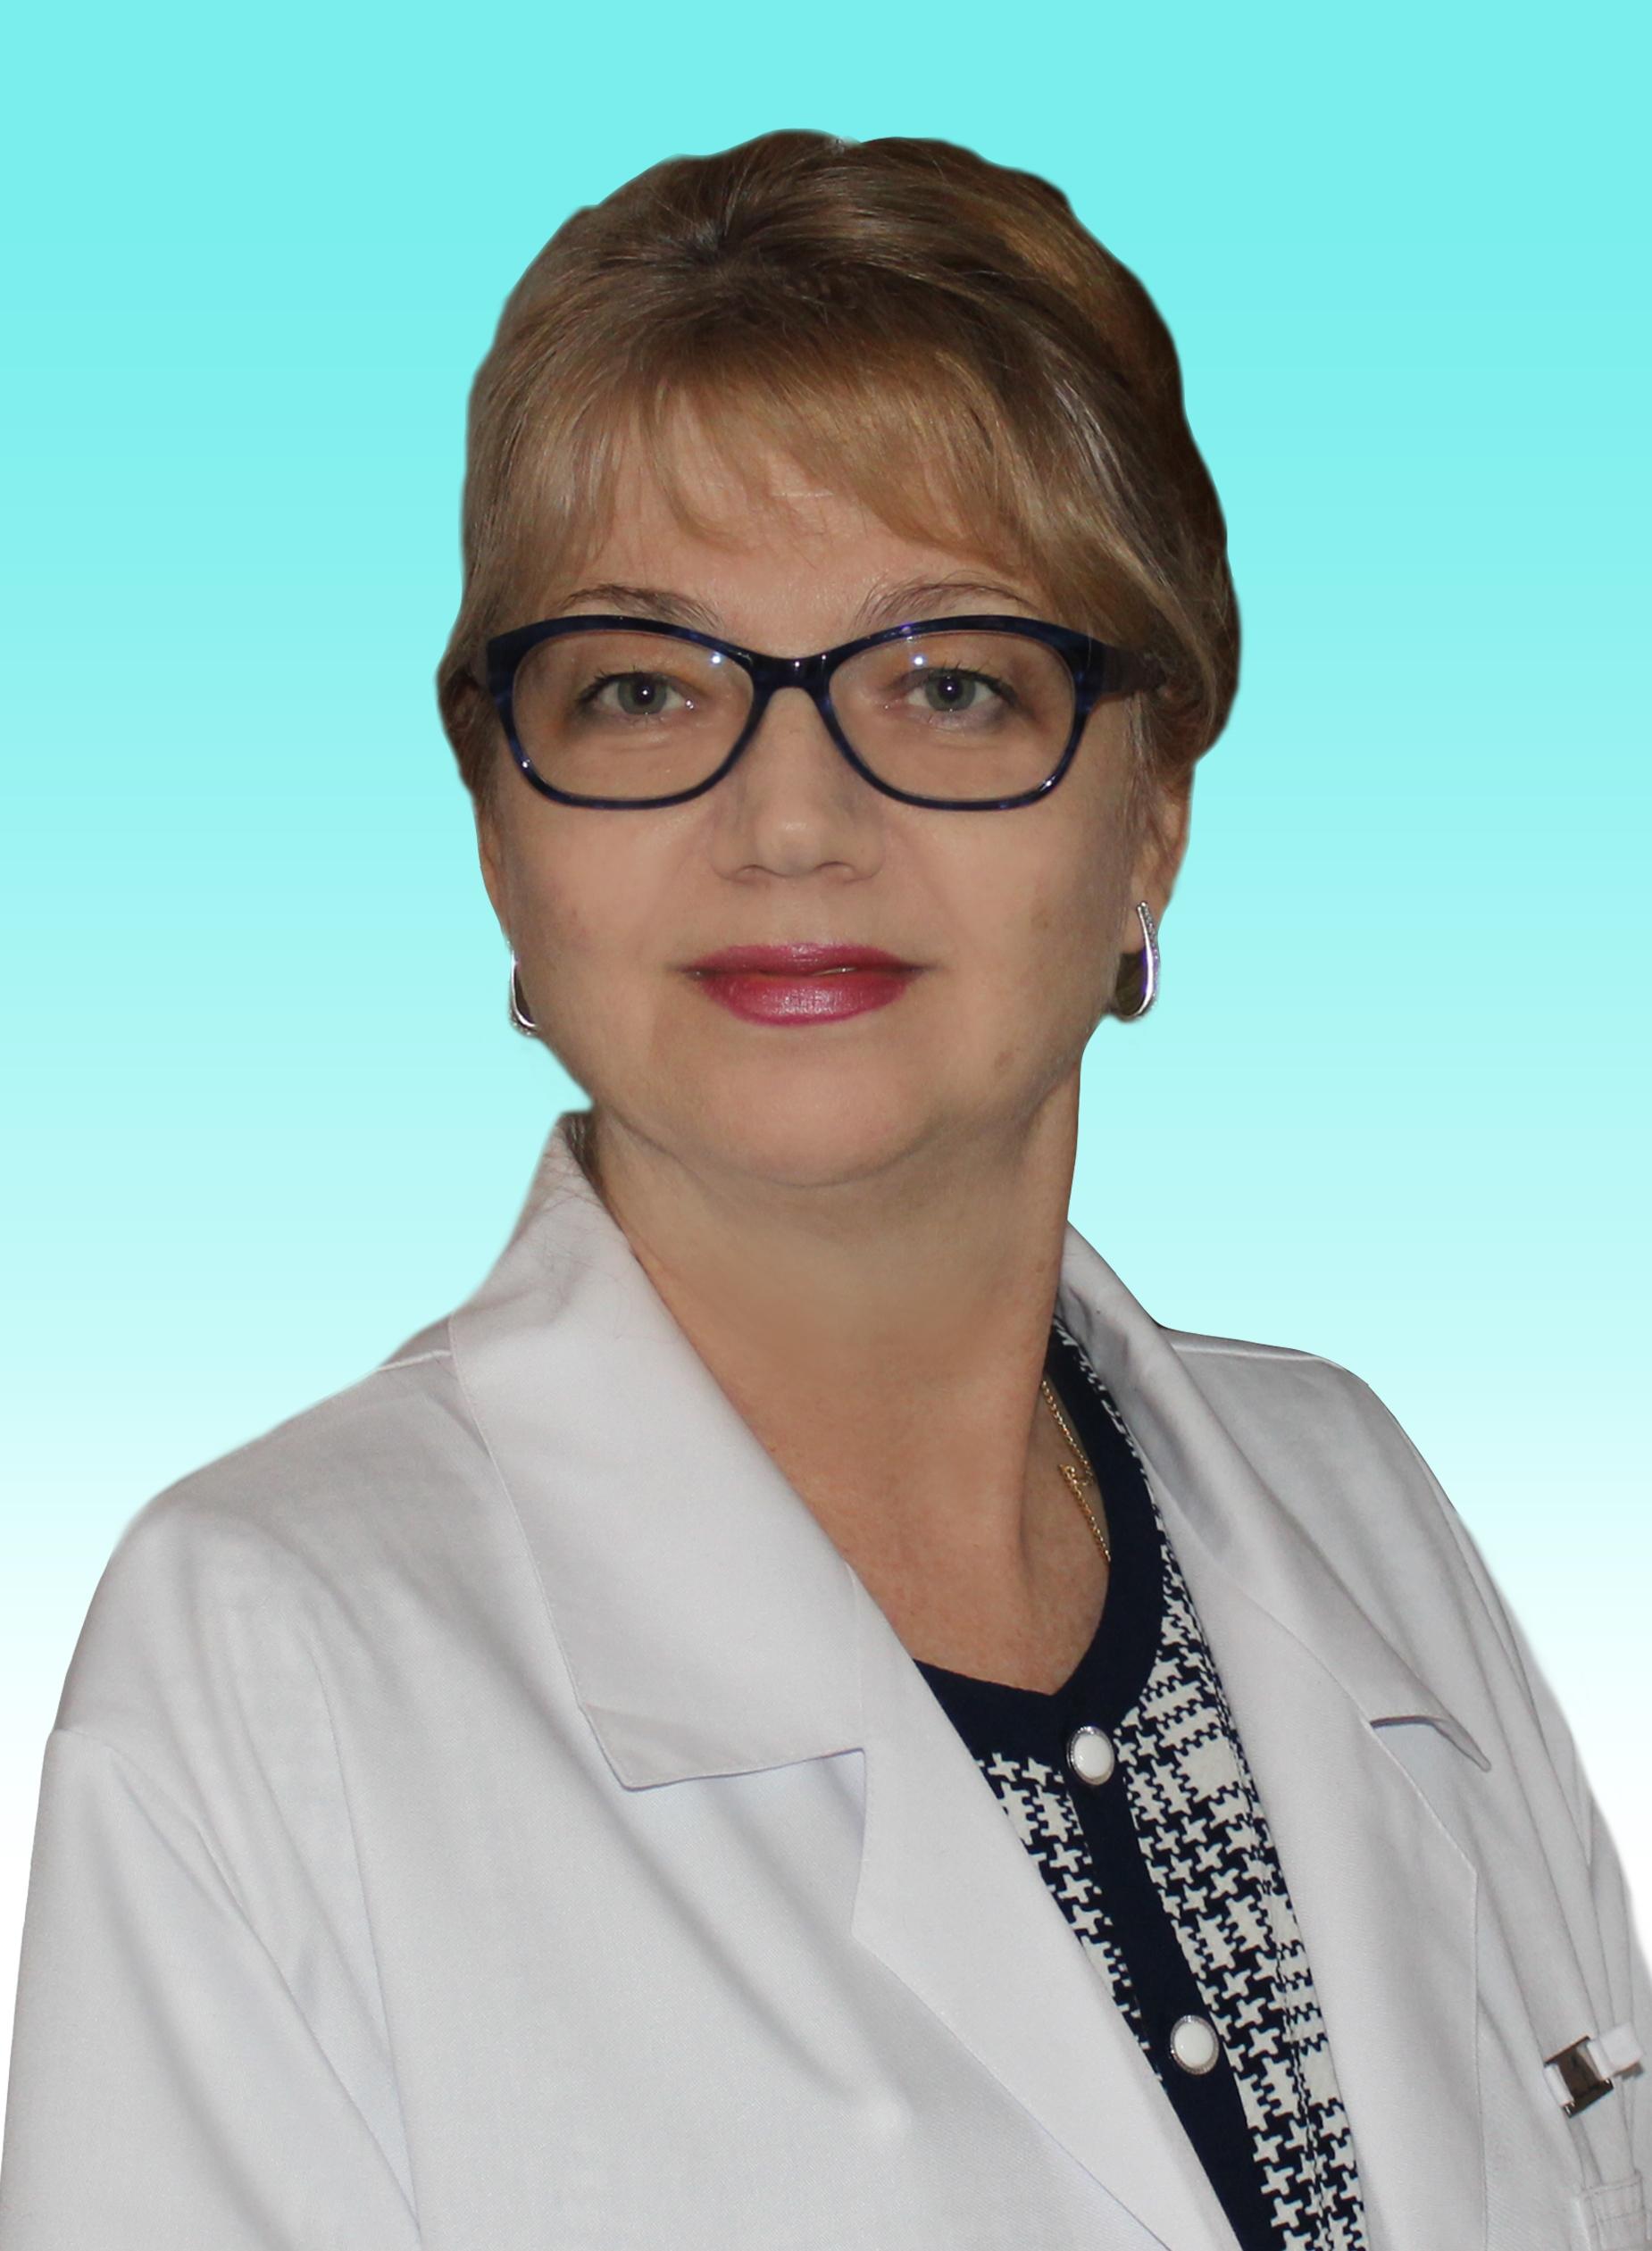 Врач-психиатр, психотерапевт Морозова Наталья Борисовна